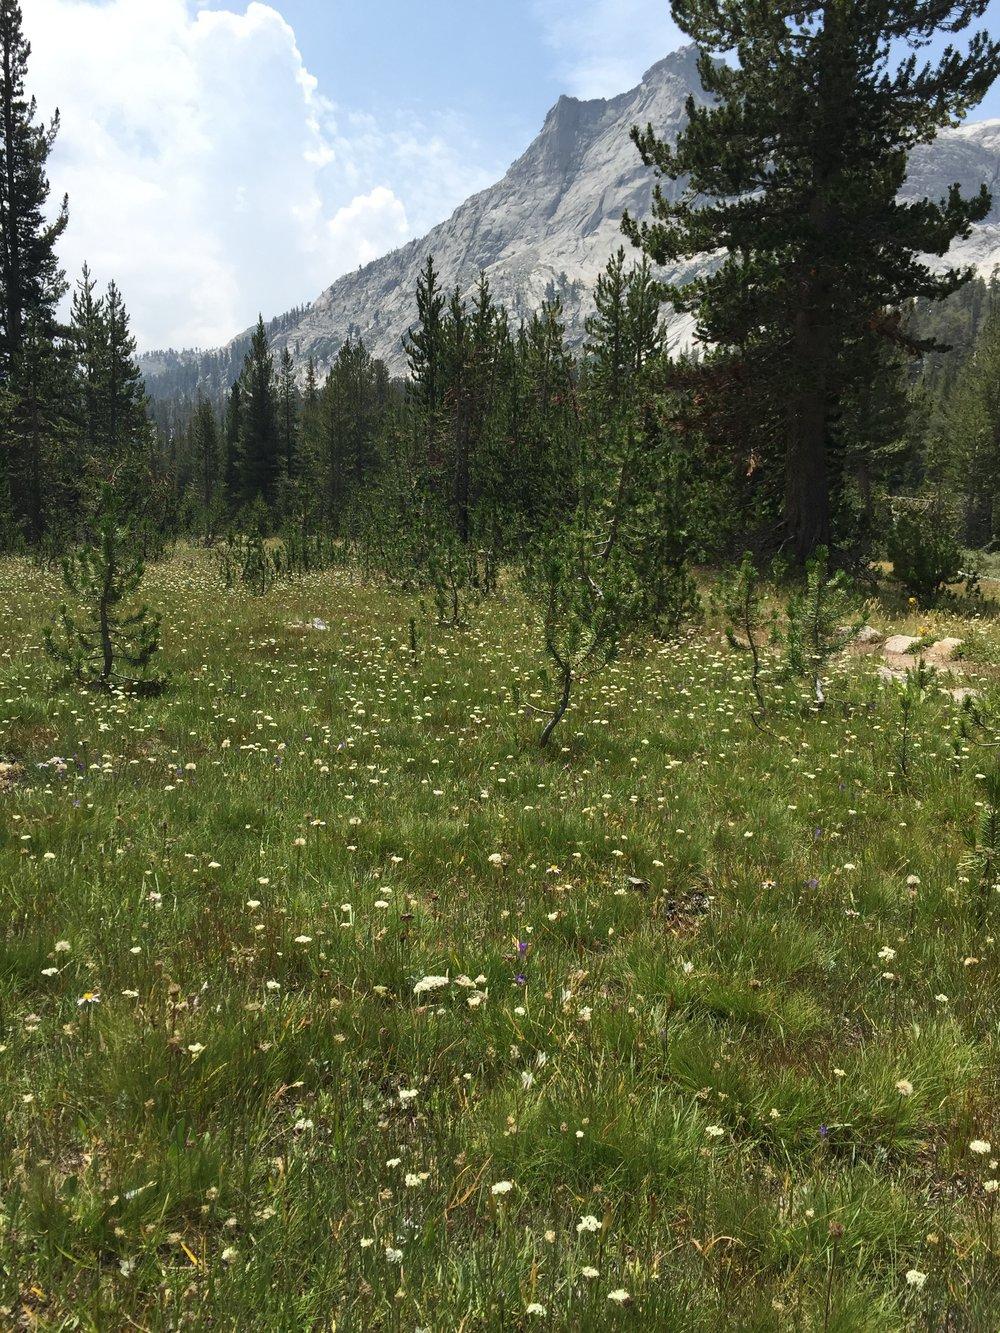 Endless wildflowers